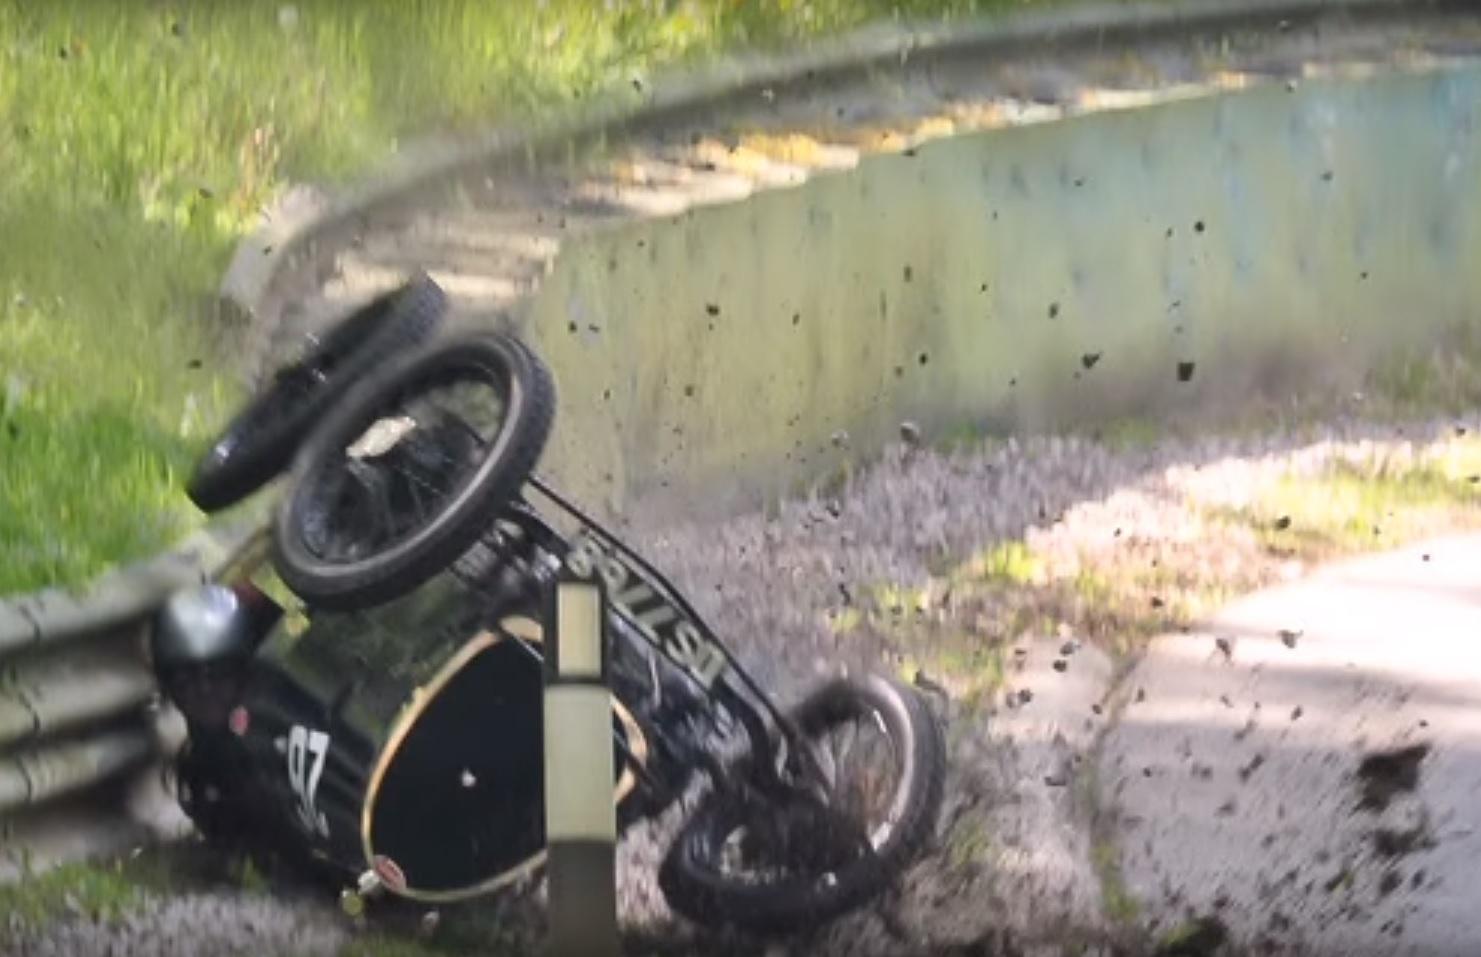 Bugatti_crash_2